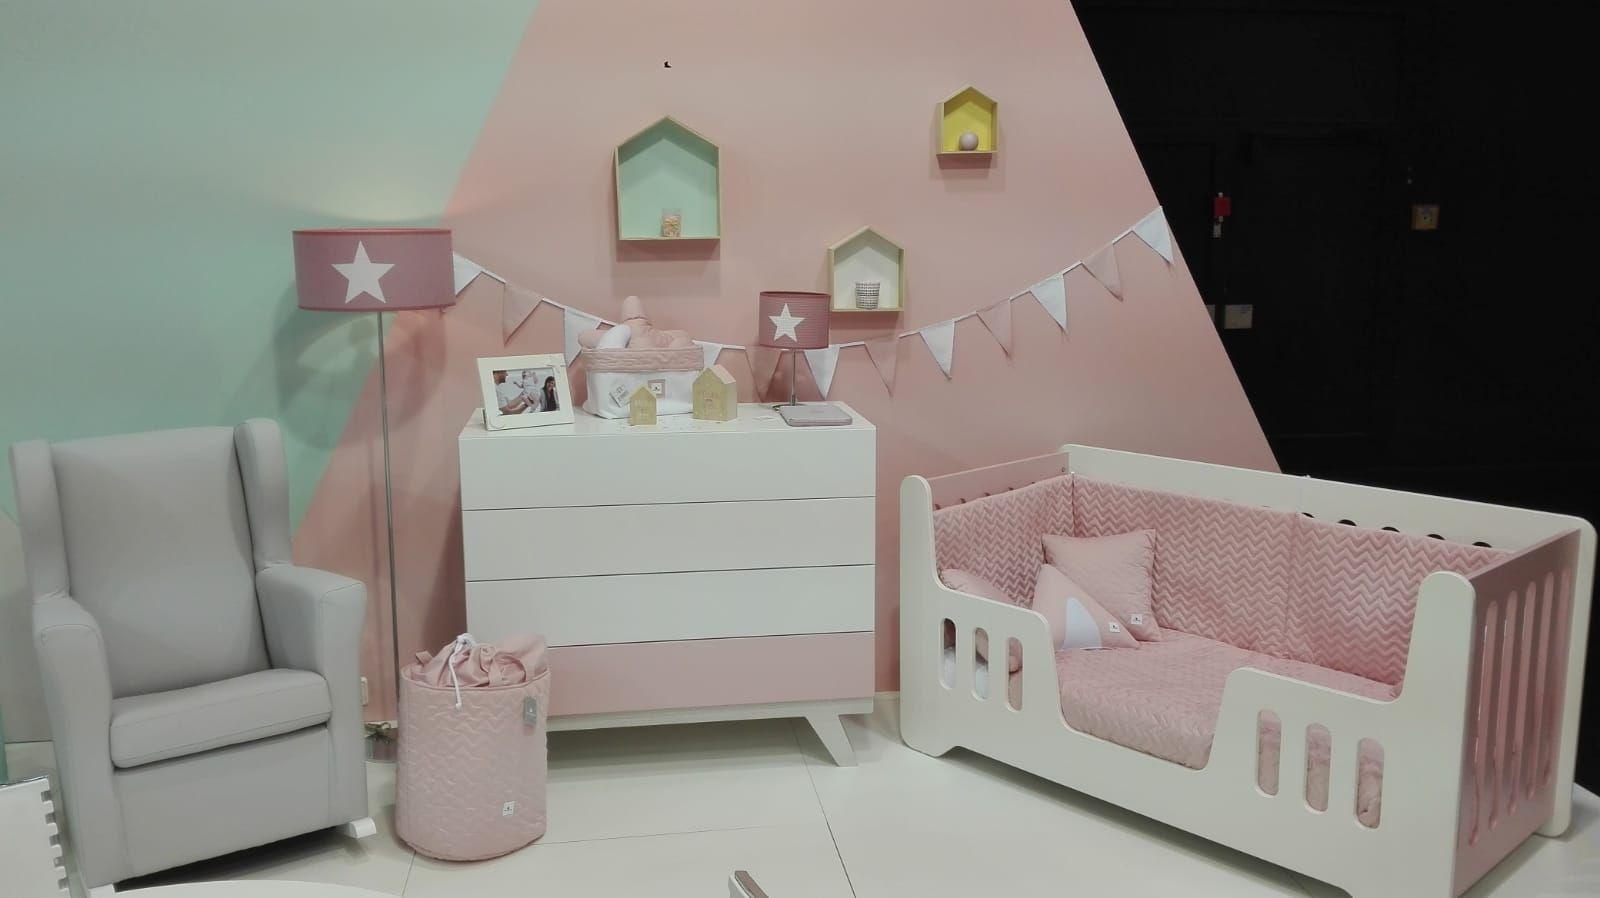 ad9a47e52 Colecciones para princesas 💓 Así podría quedar la habitación de tu bebé  con nuestra cunita 70x140cm